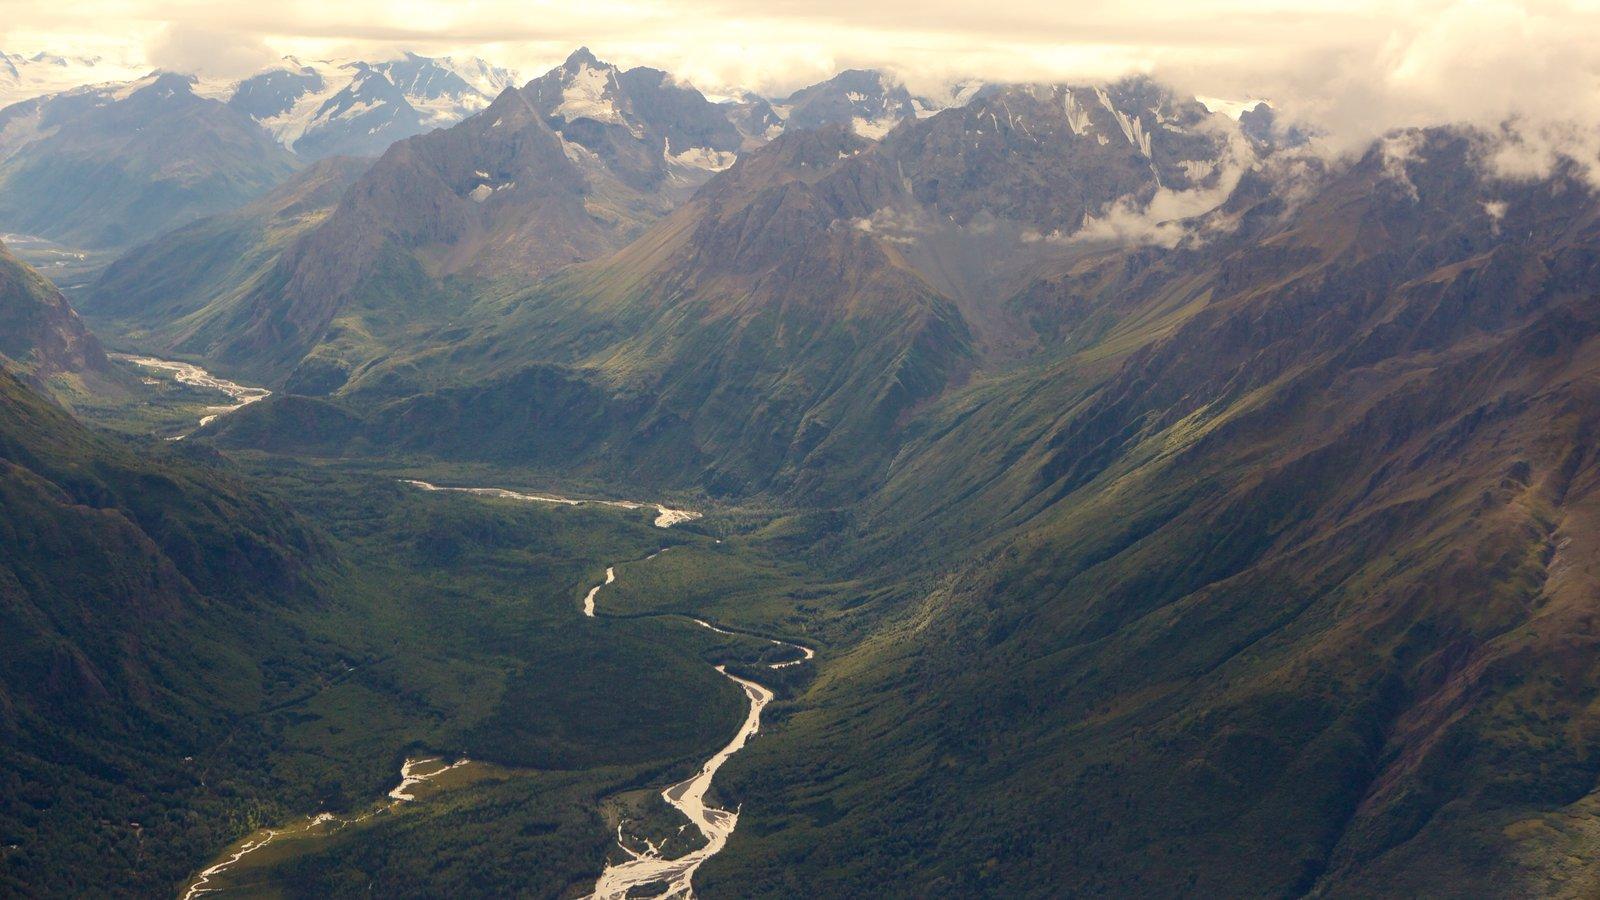 Parque estatal Chugach que incluye montañas